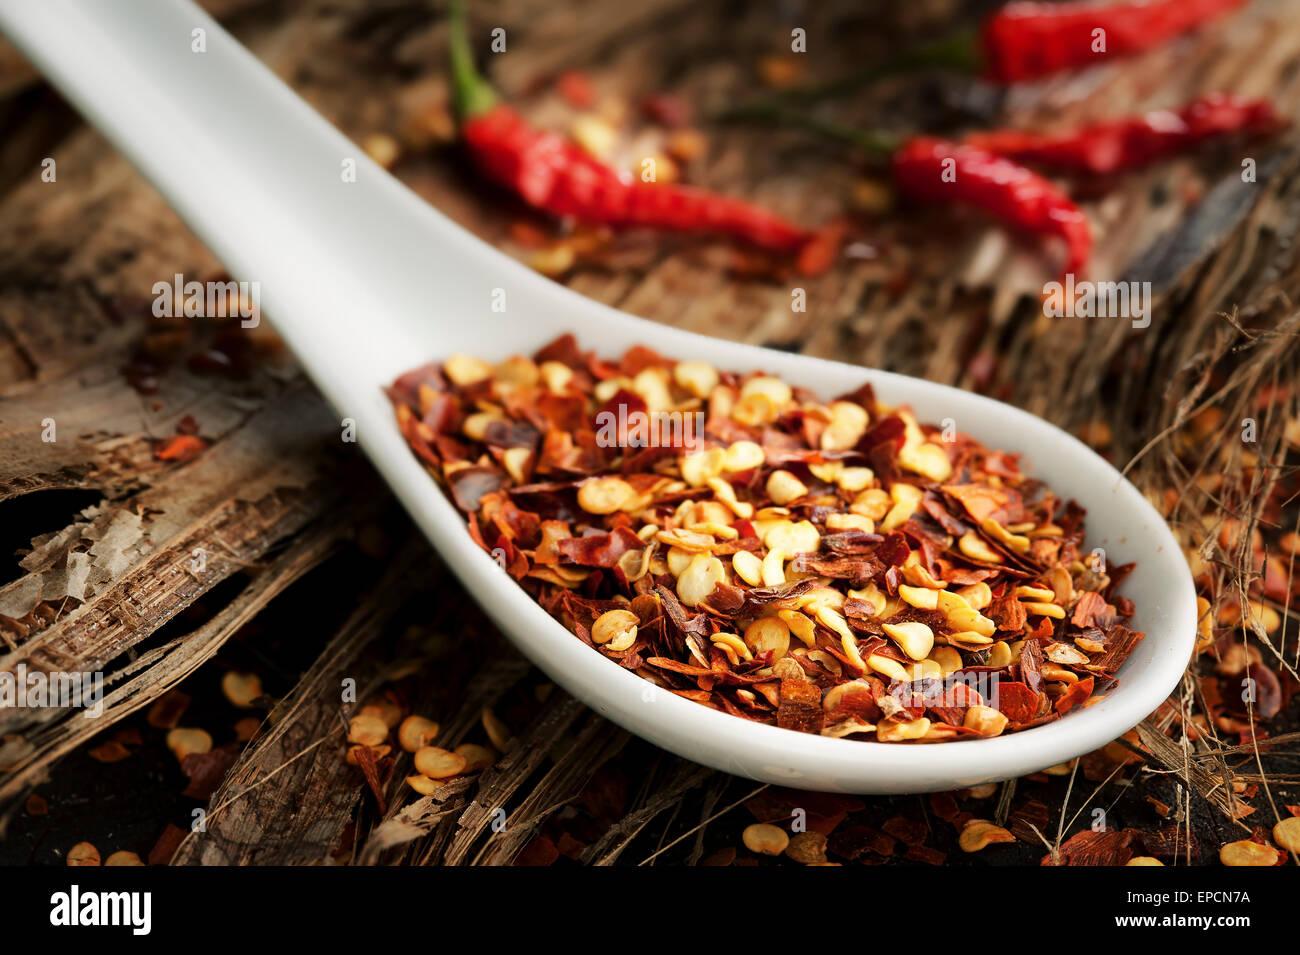 Chili broyé dans une cuillère d'Épices blanc sur bois Photo Stock